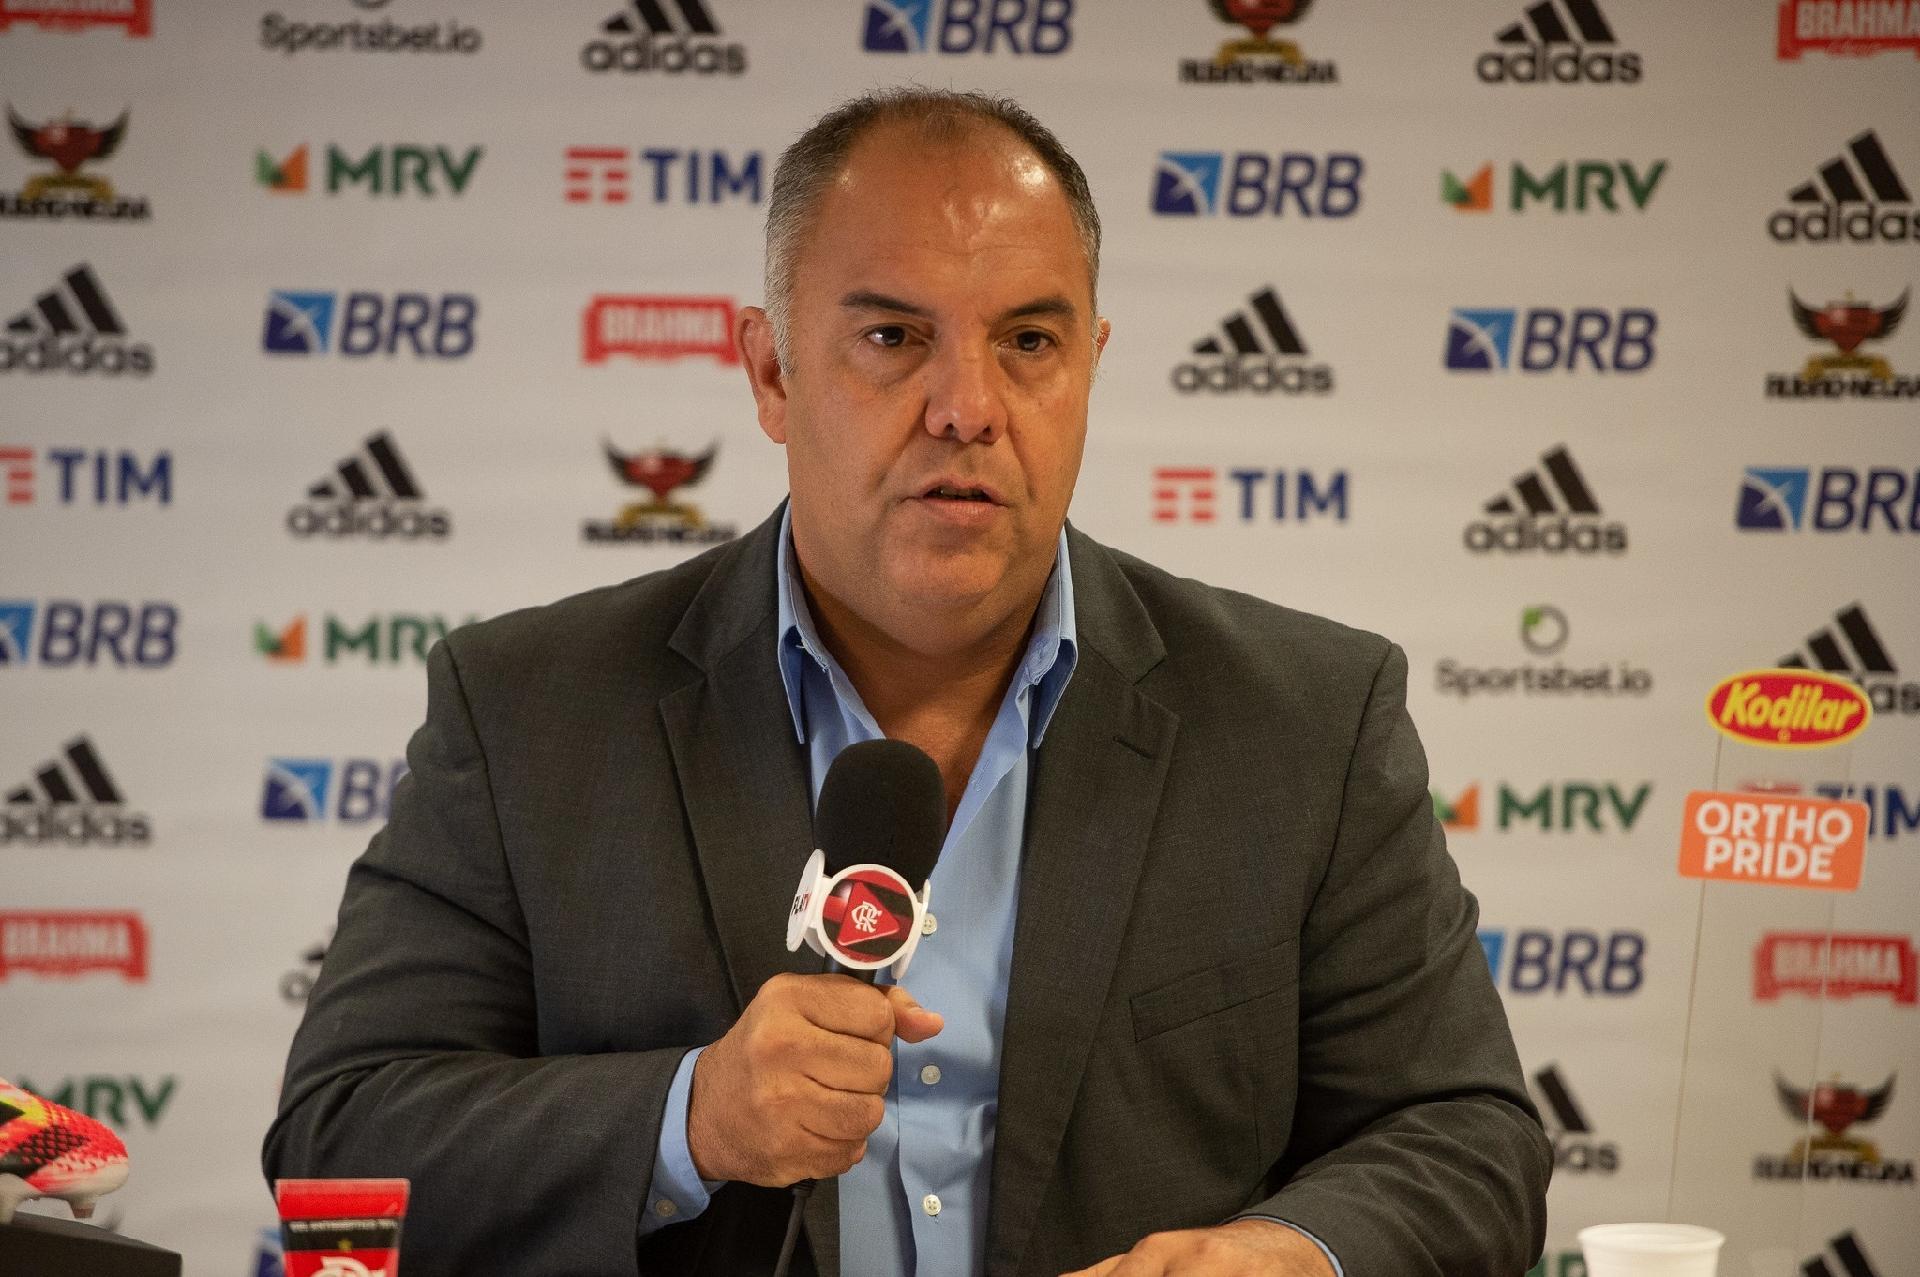 Outros do Flamengo foram candidatos e jamais tiveram tamanho mimimi; diz Marcos Braz